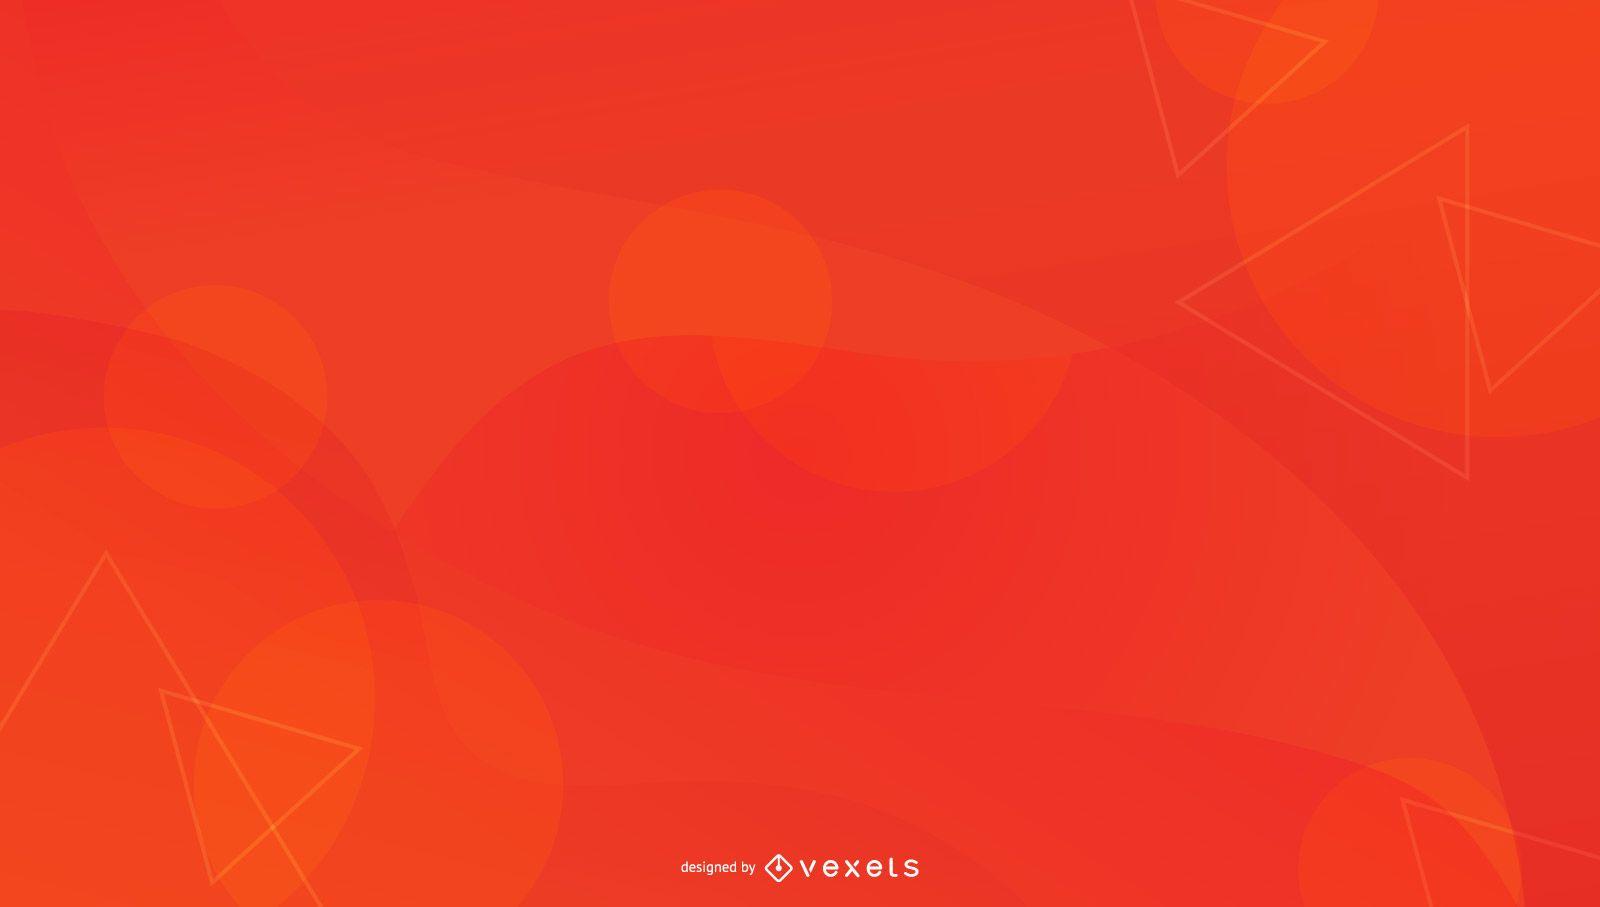 Fondo abstracto naranja rojo